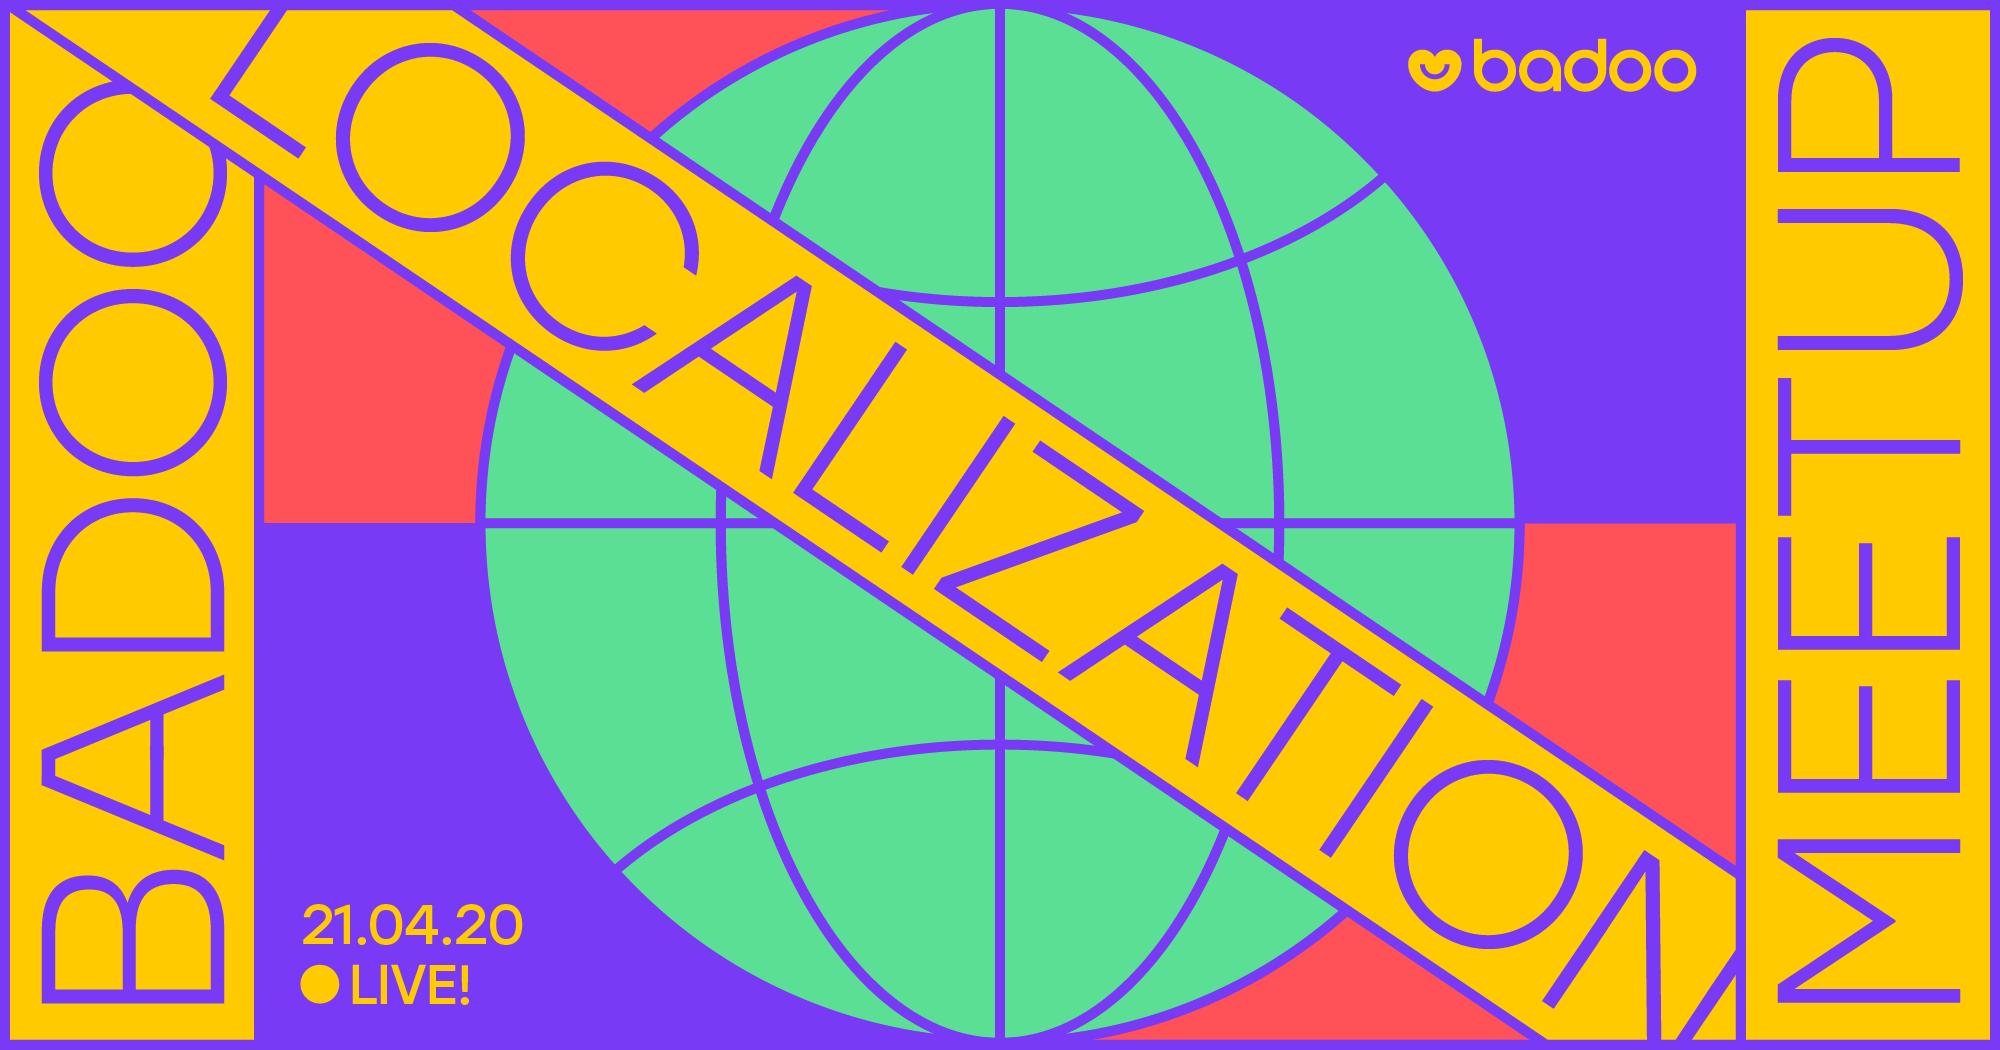 21 апреля Live! Badoo Localization Meetup - 1